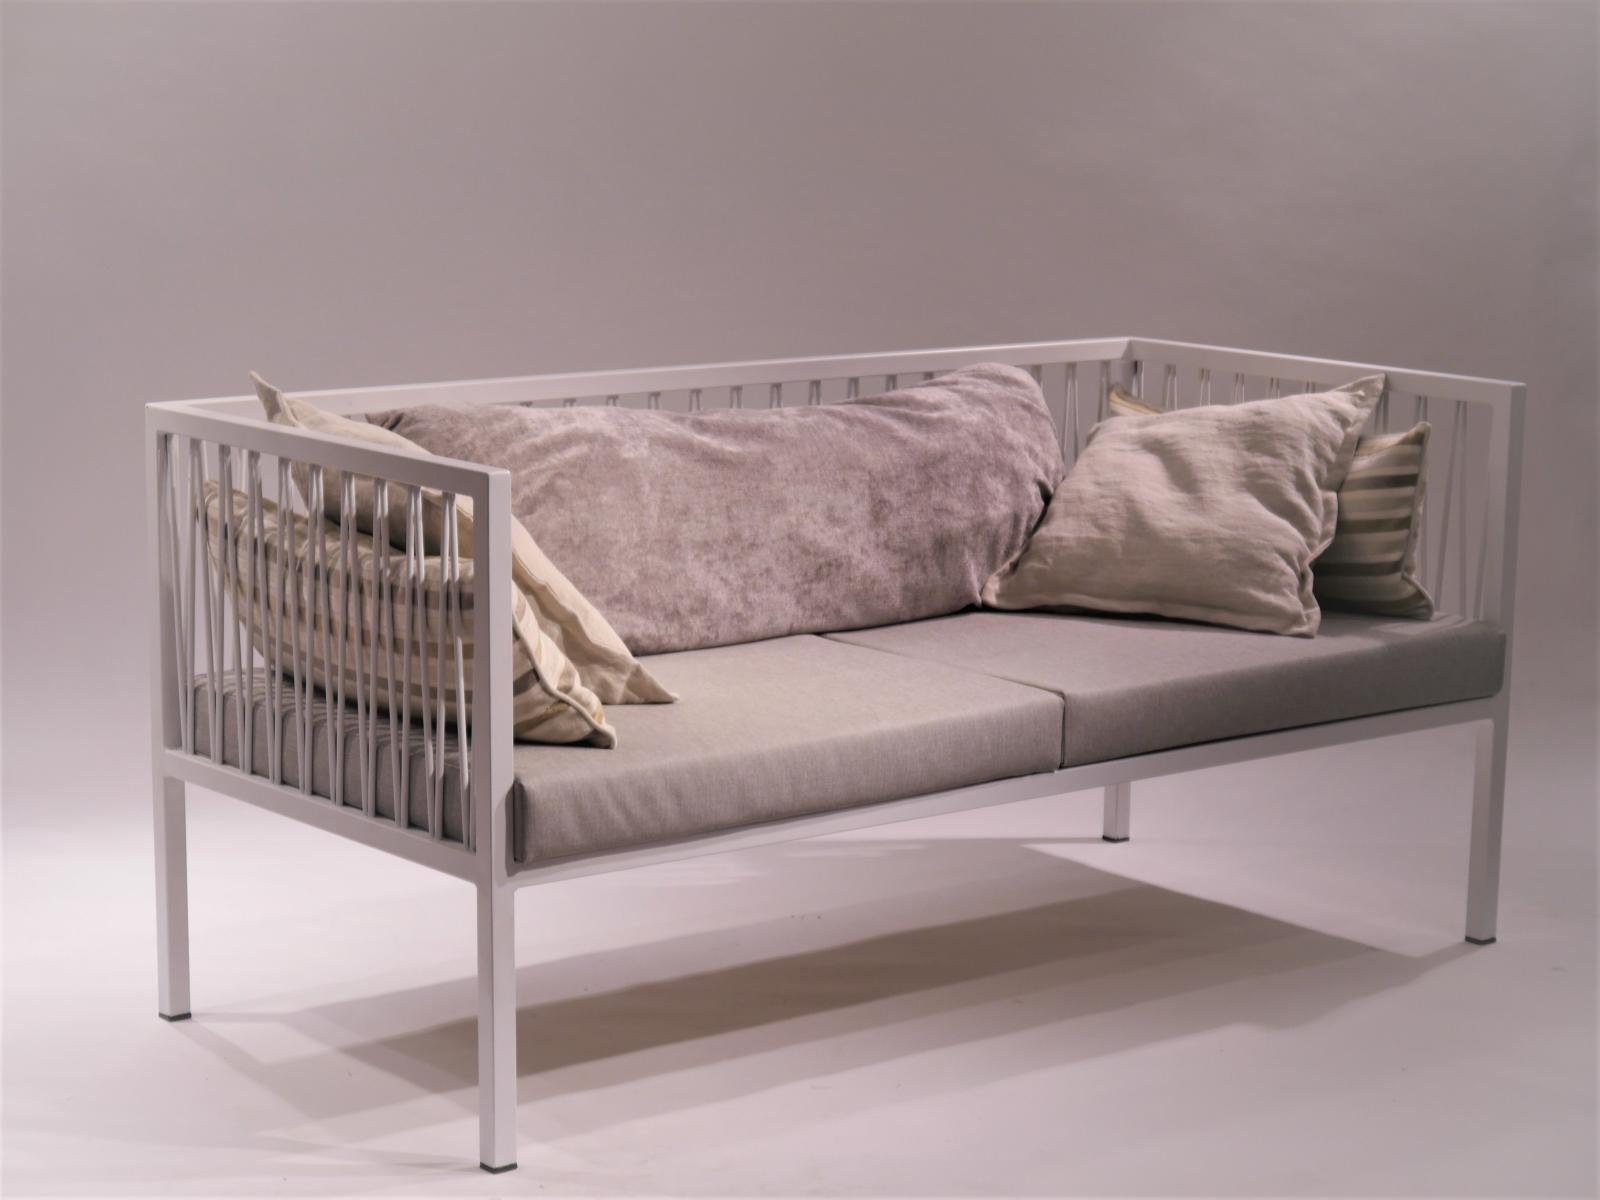 Sofa Montsant estructura de hierro lacado blanco con cojines